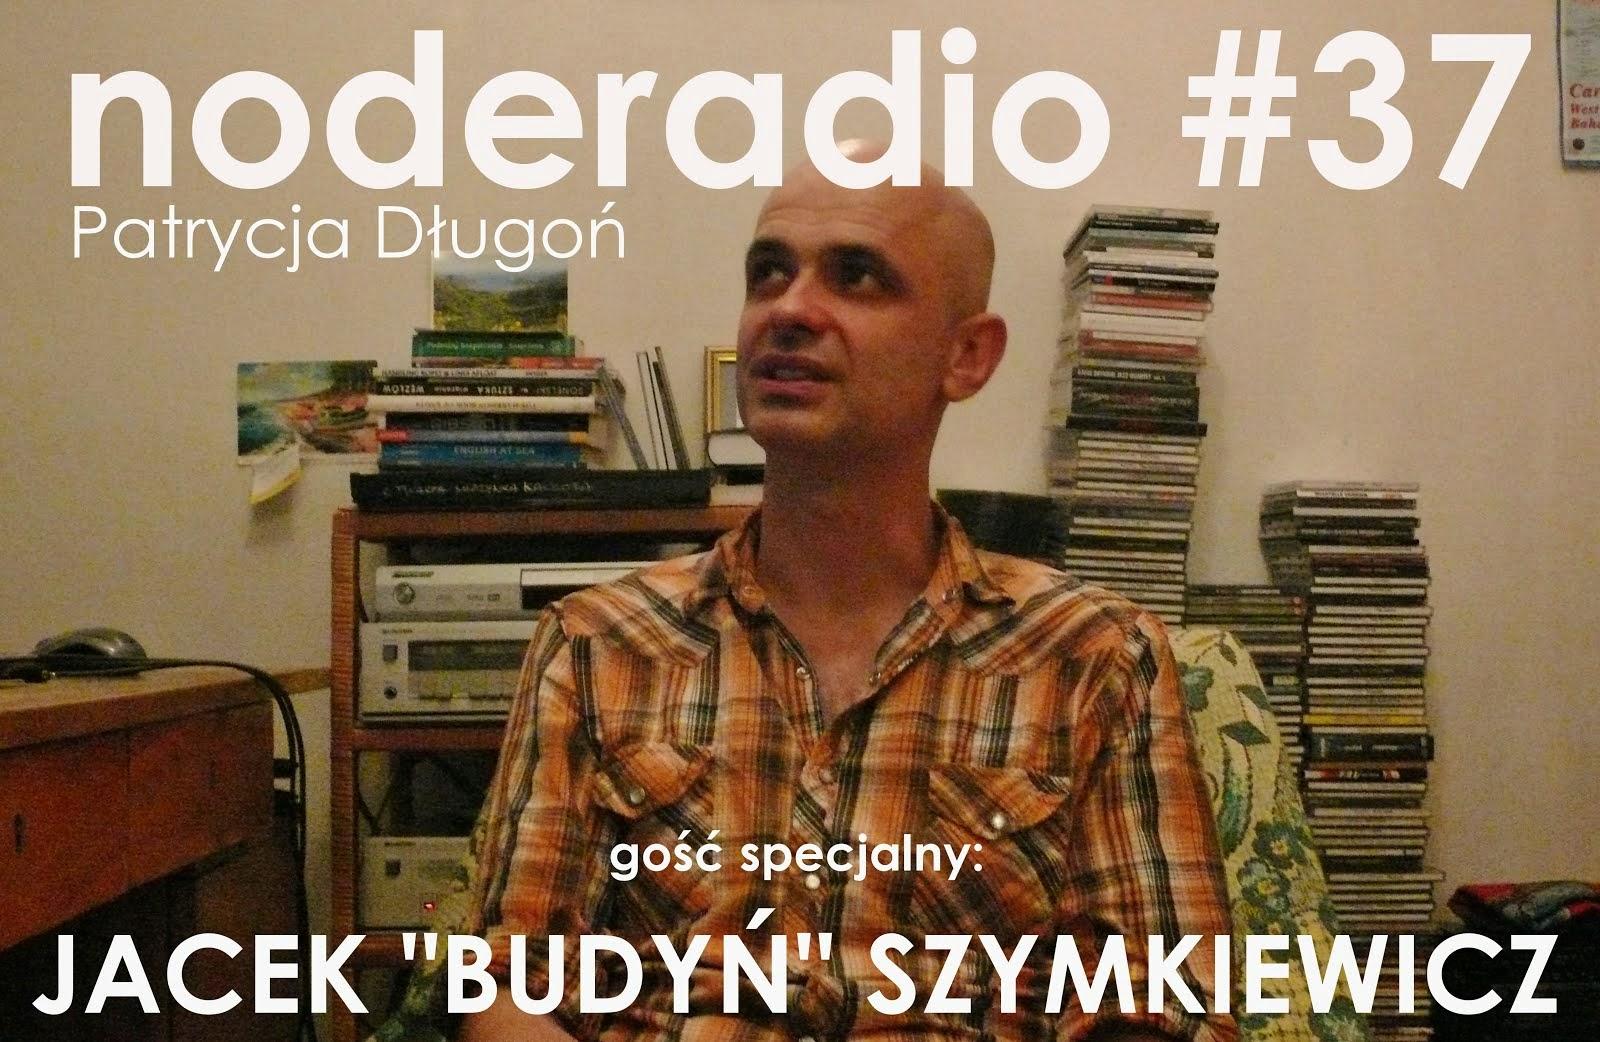 noderadio #37 - posłuchaj